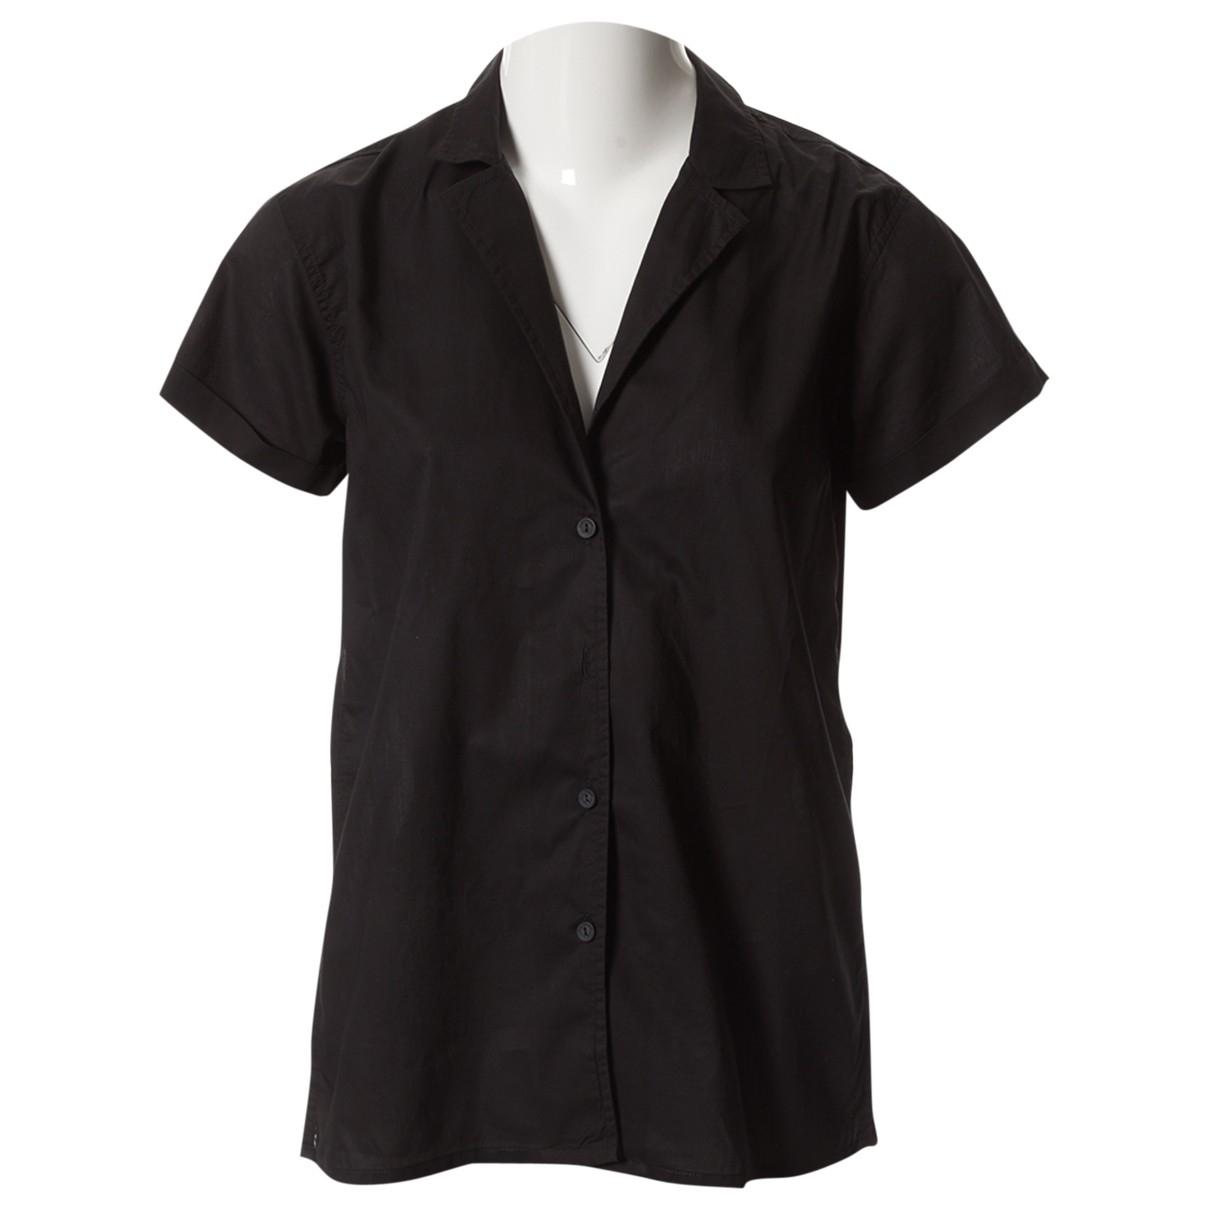 Matteau - Top   pour femme en coton - noir